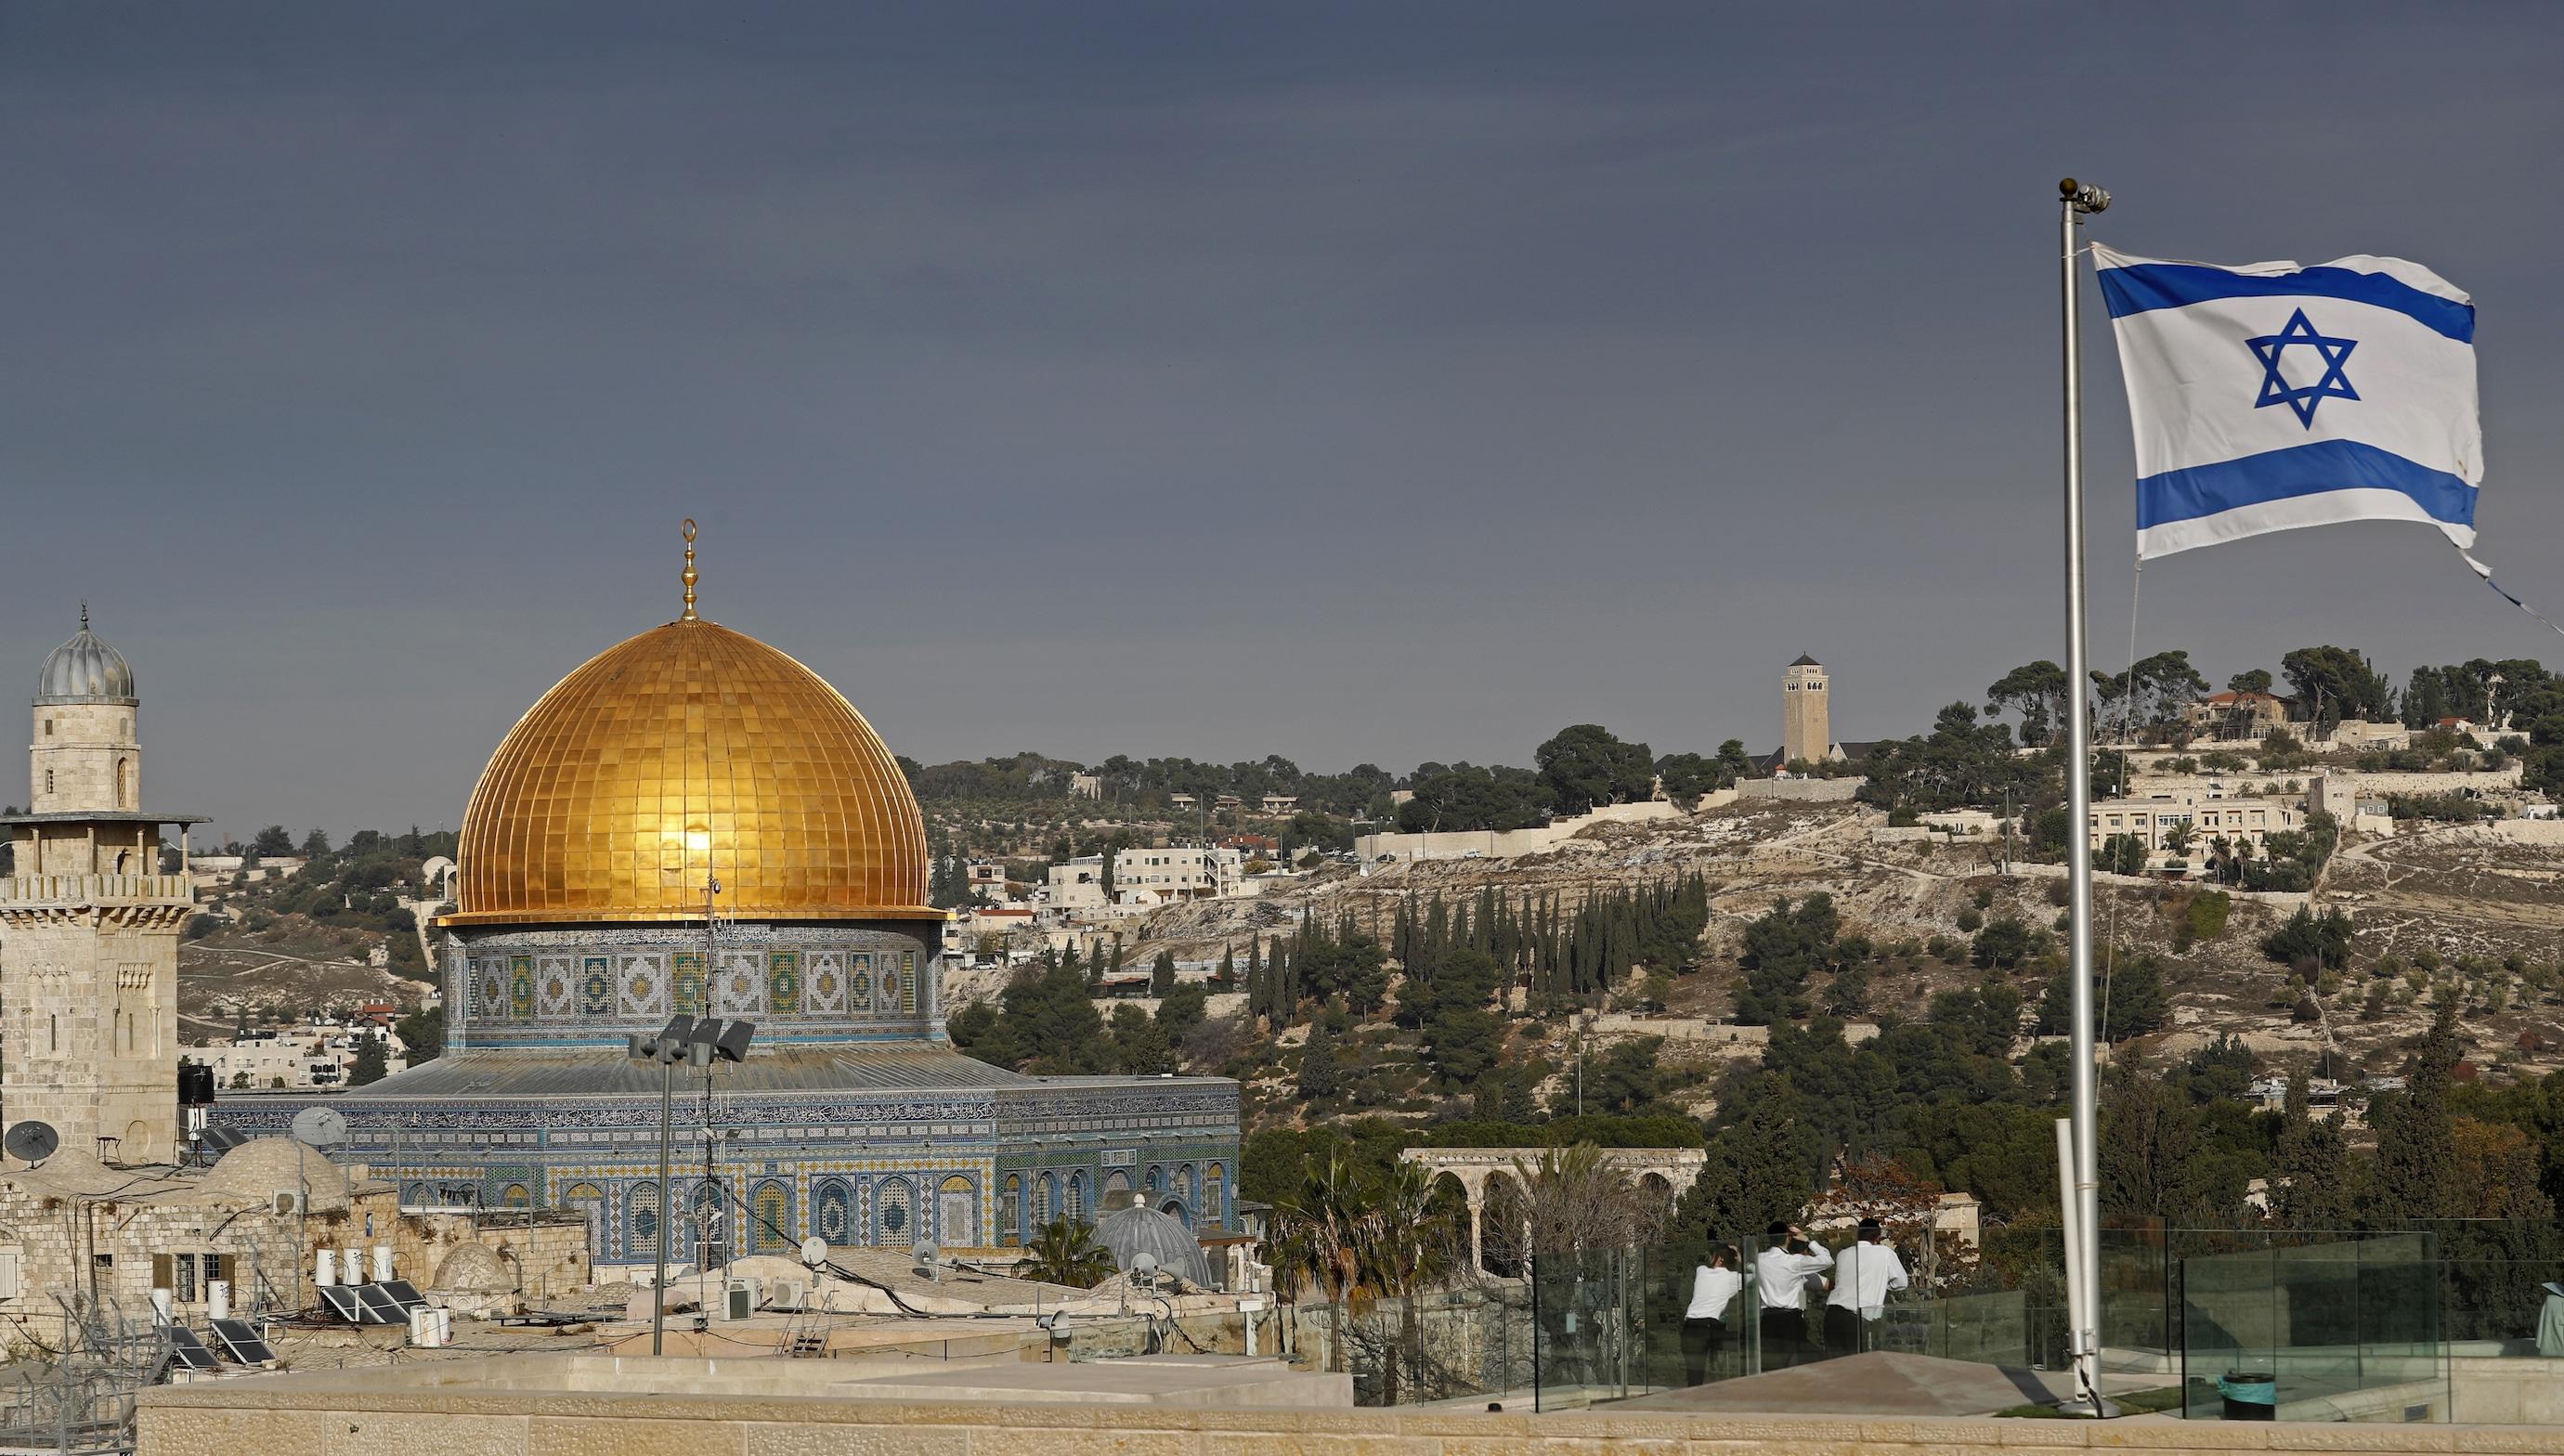 Gerusalemme: Paesi islamici, Gerusalemme est è capitale Palestina